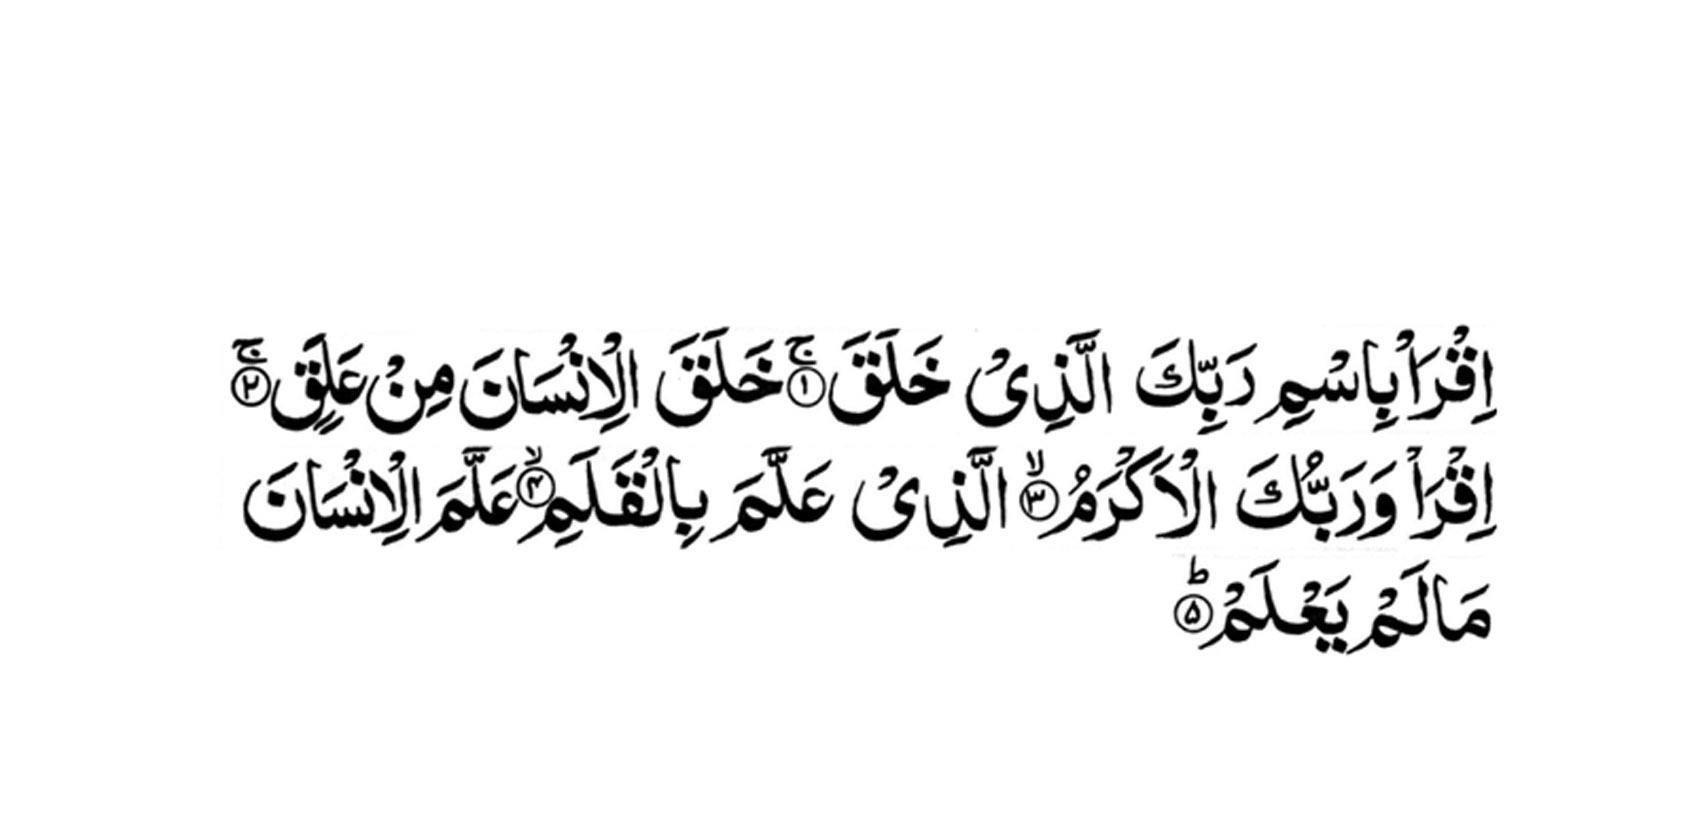 [Holy Quran: Sureh Al-Alaq Verses 1-5]